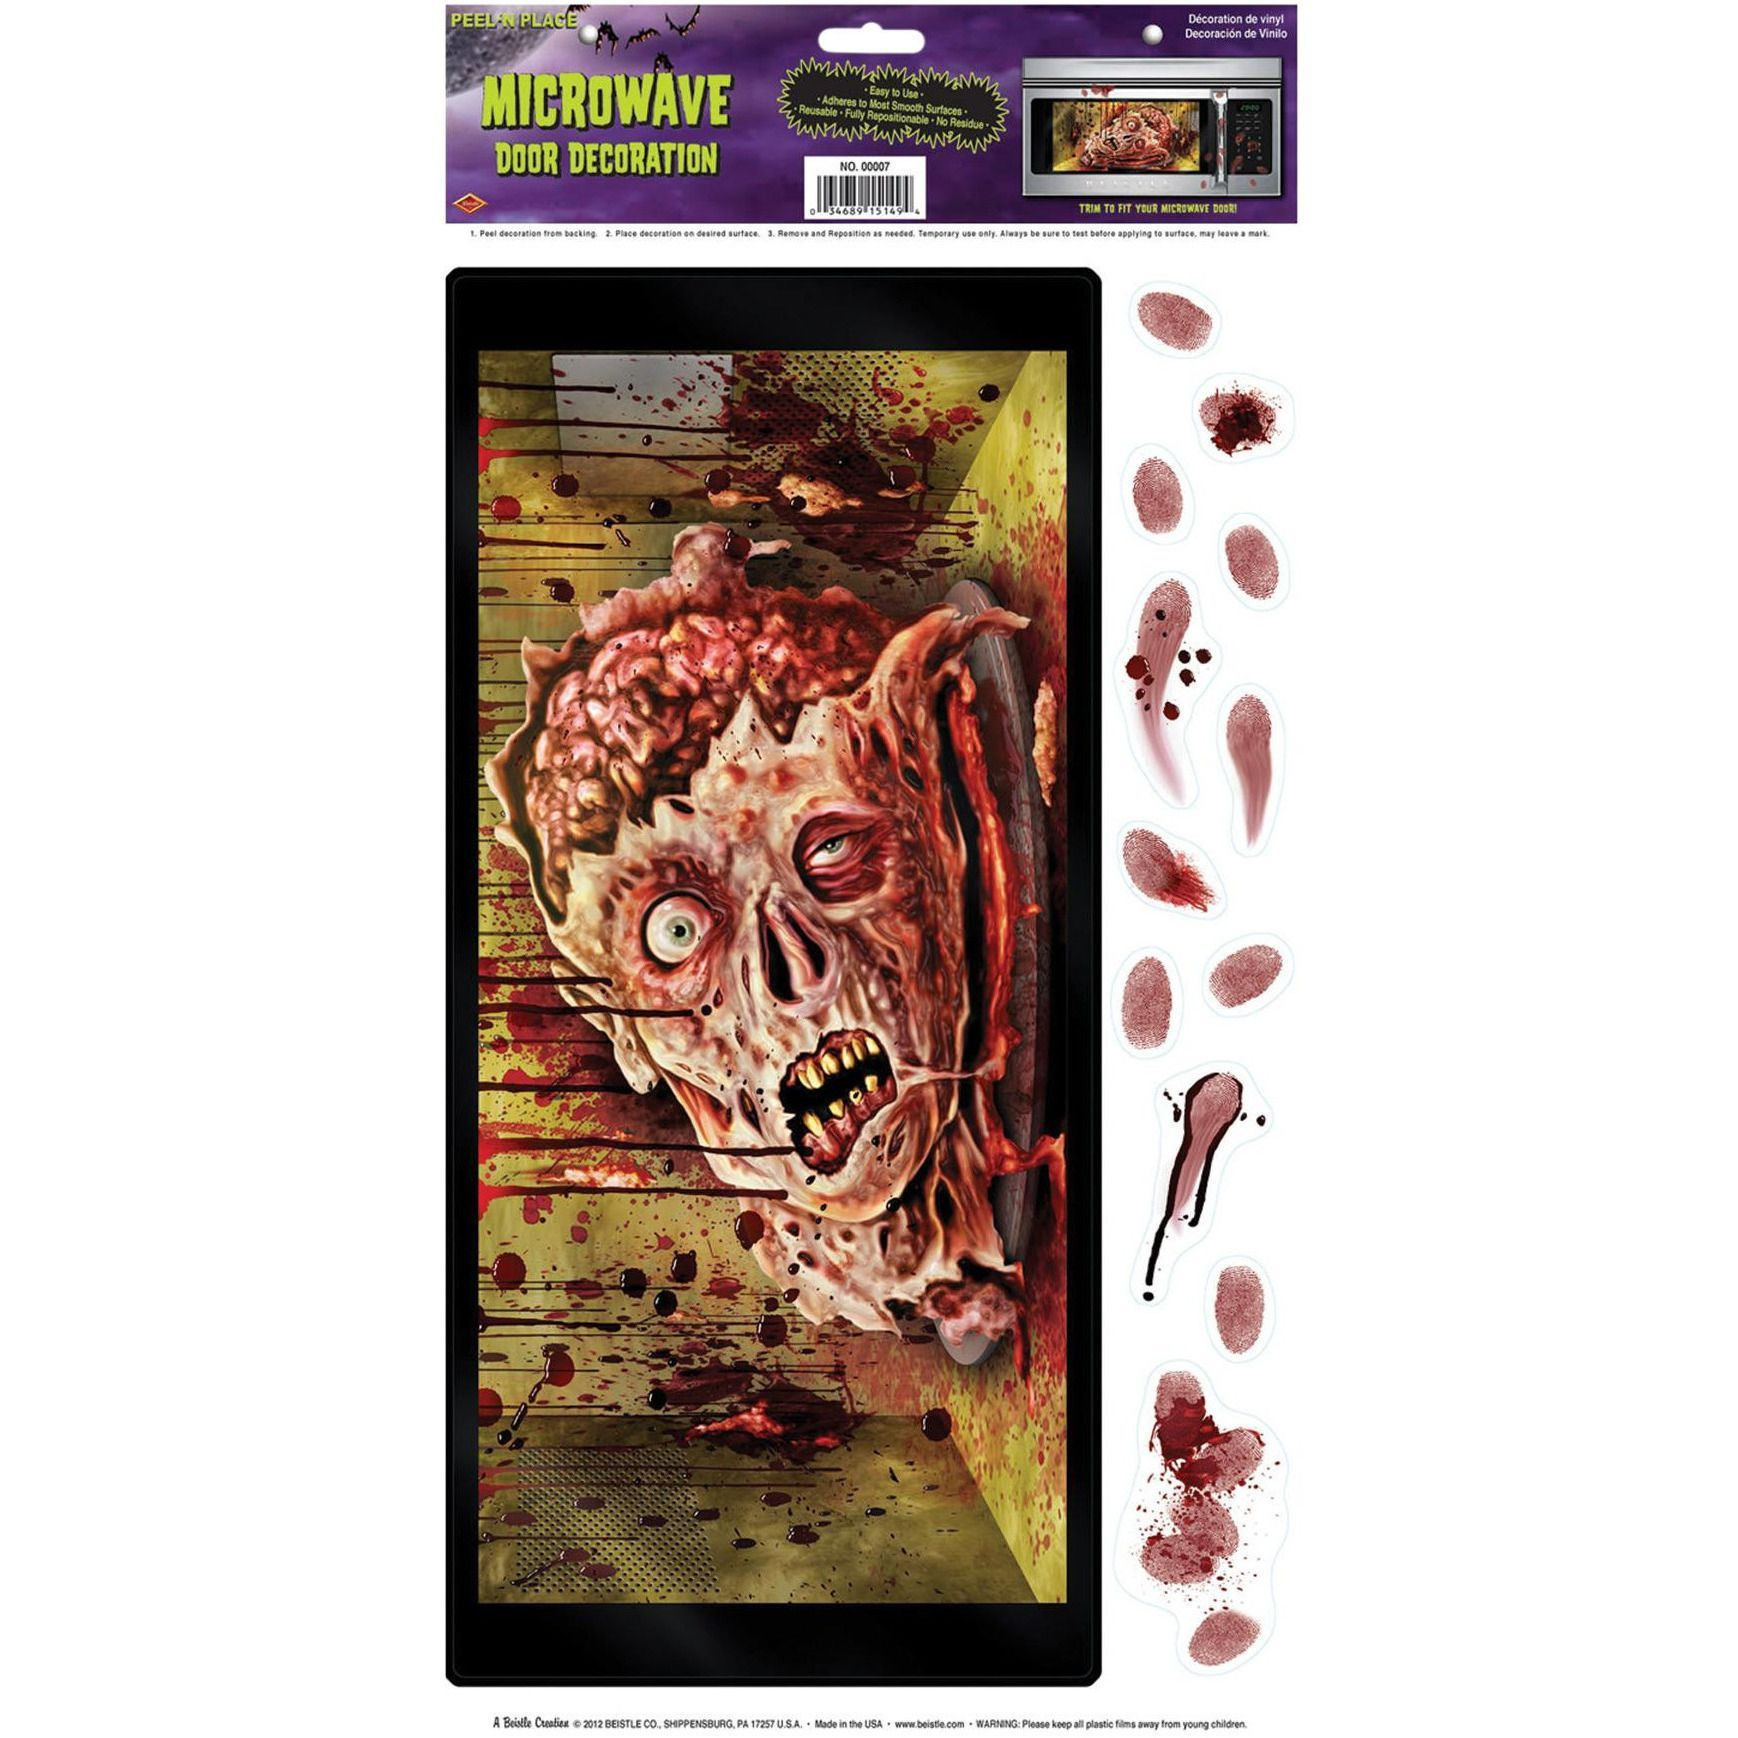 Halloween Microwave Door Decor The Best Halloween Party - door decoration halloween